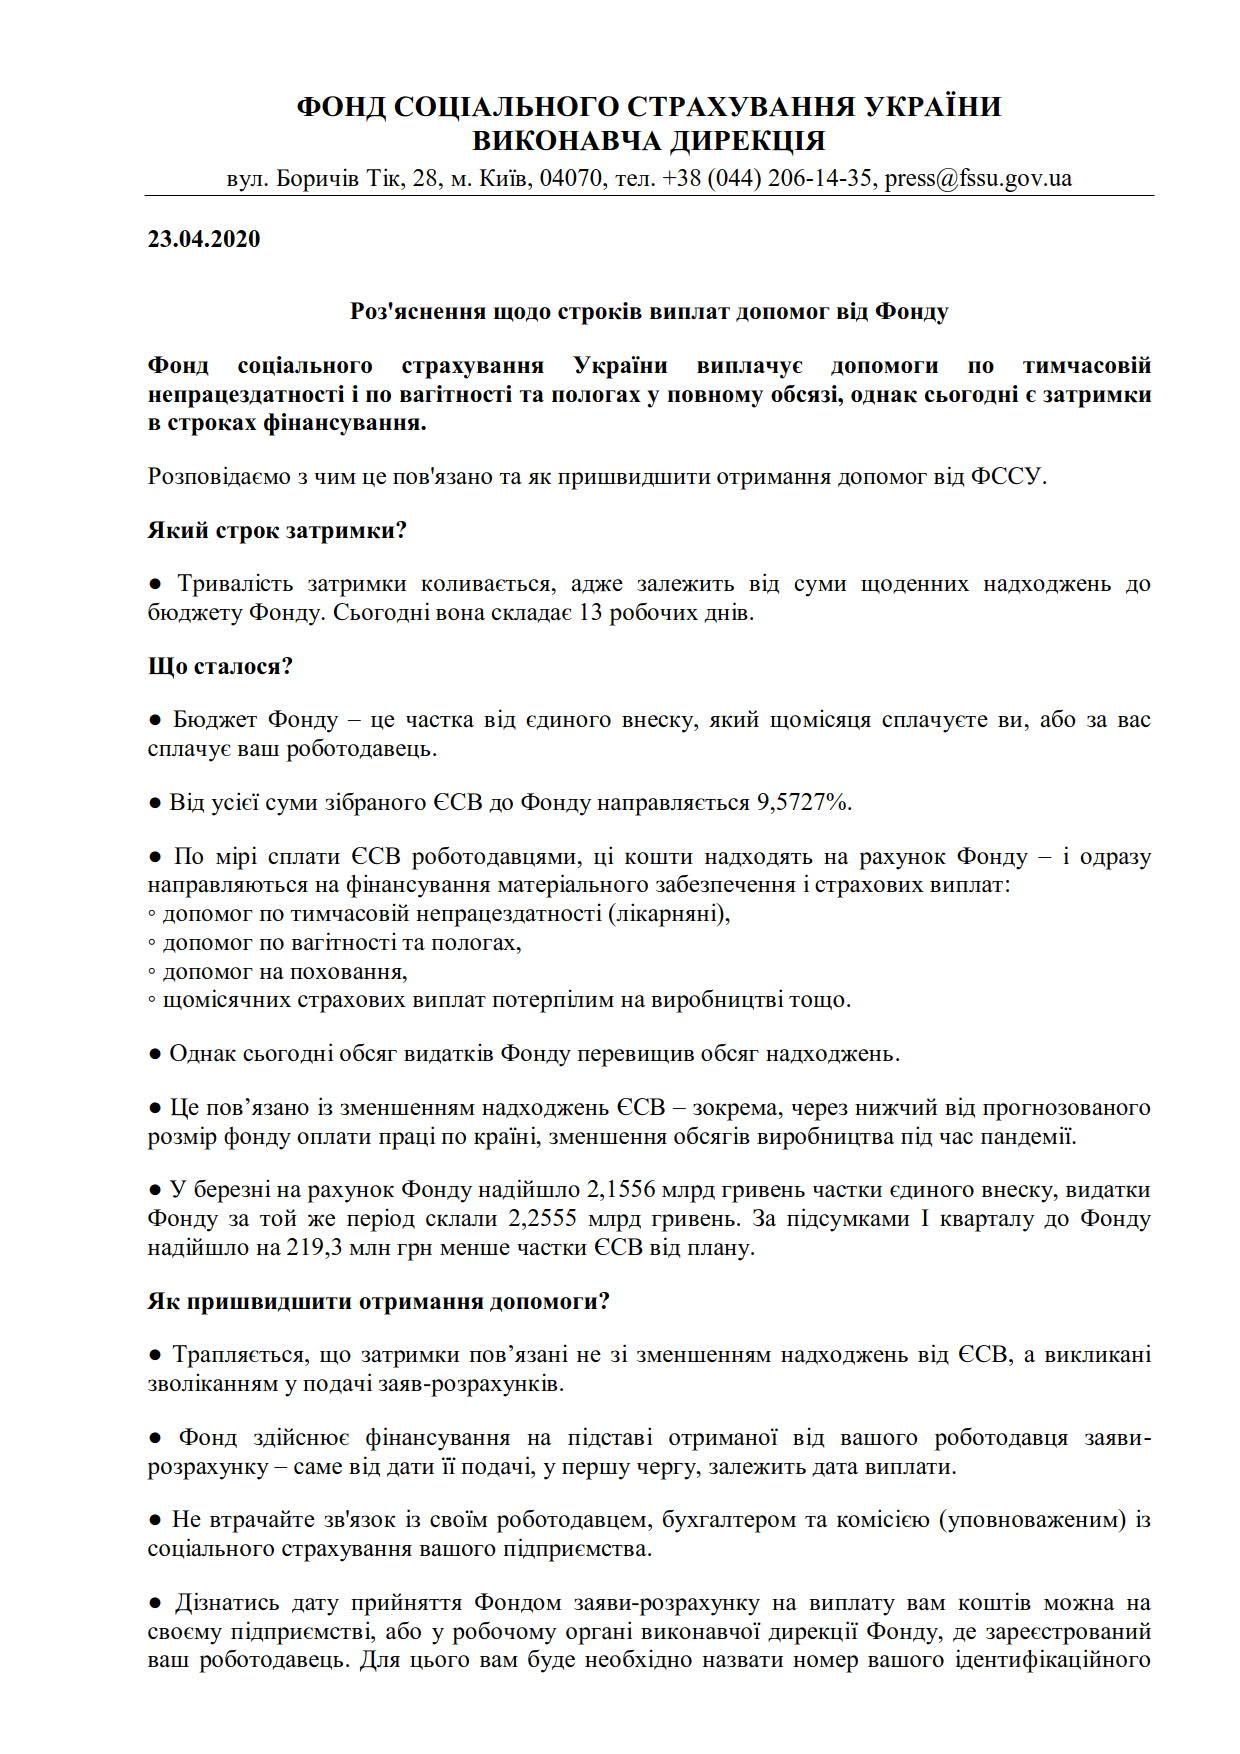 ФССУ_Інформація щодо виплат_1